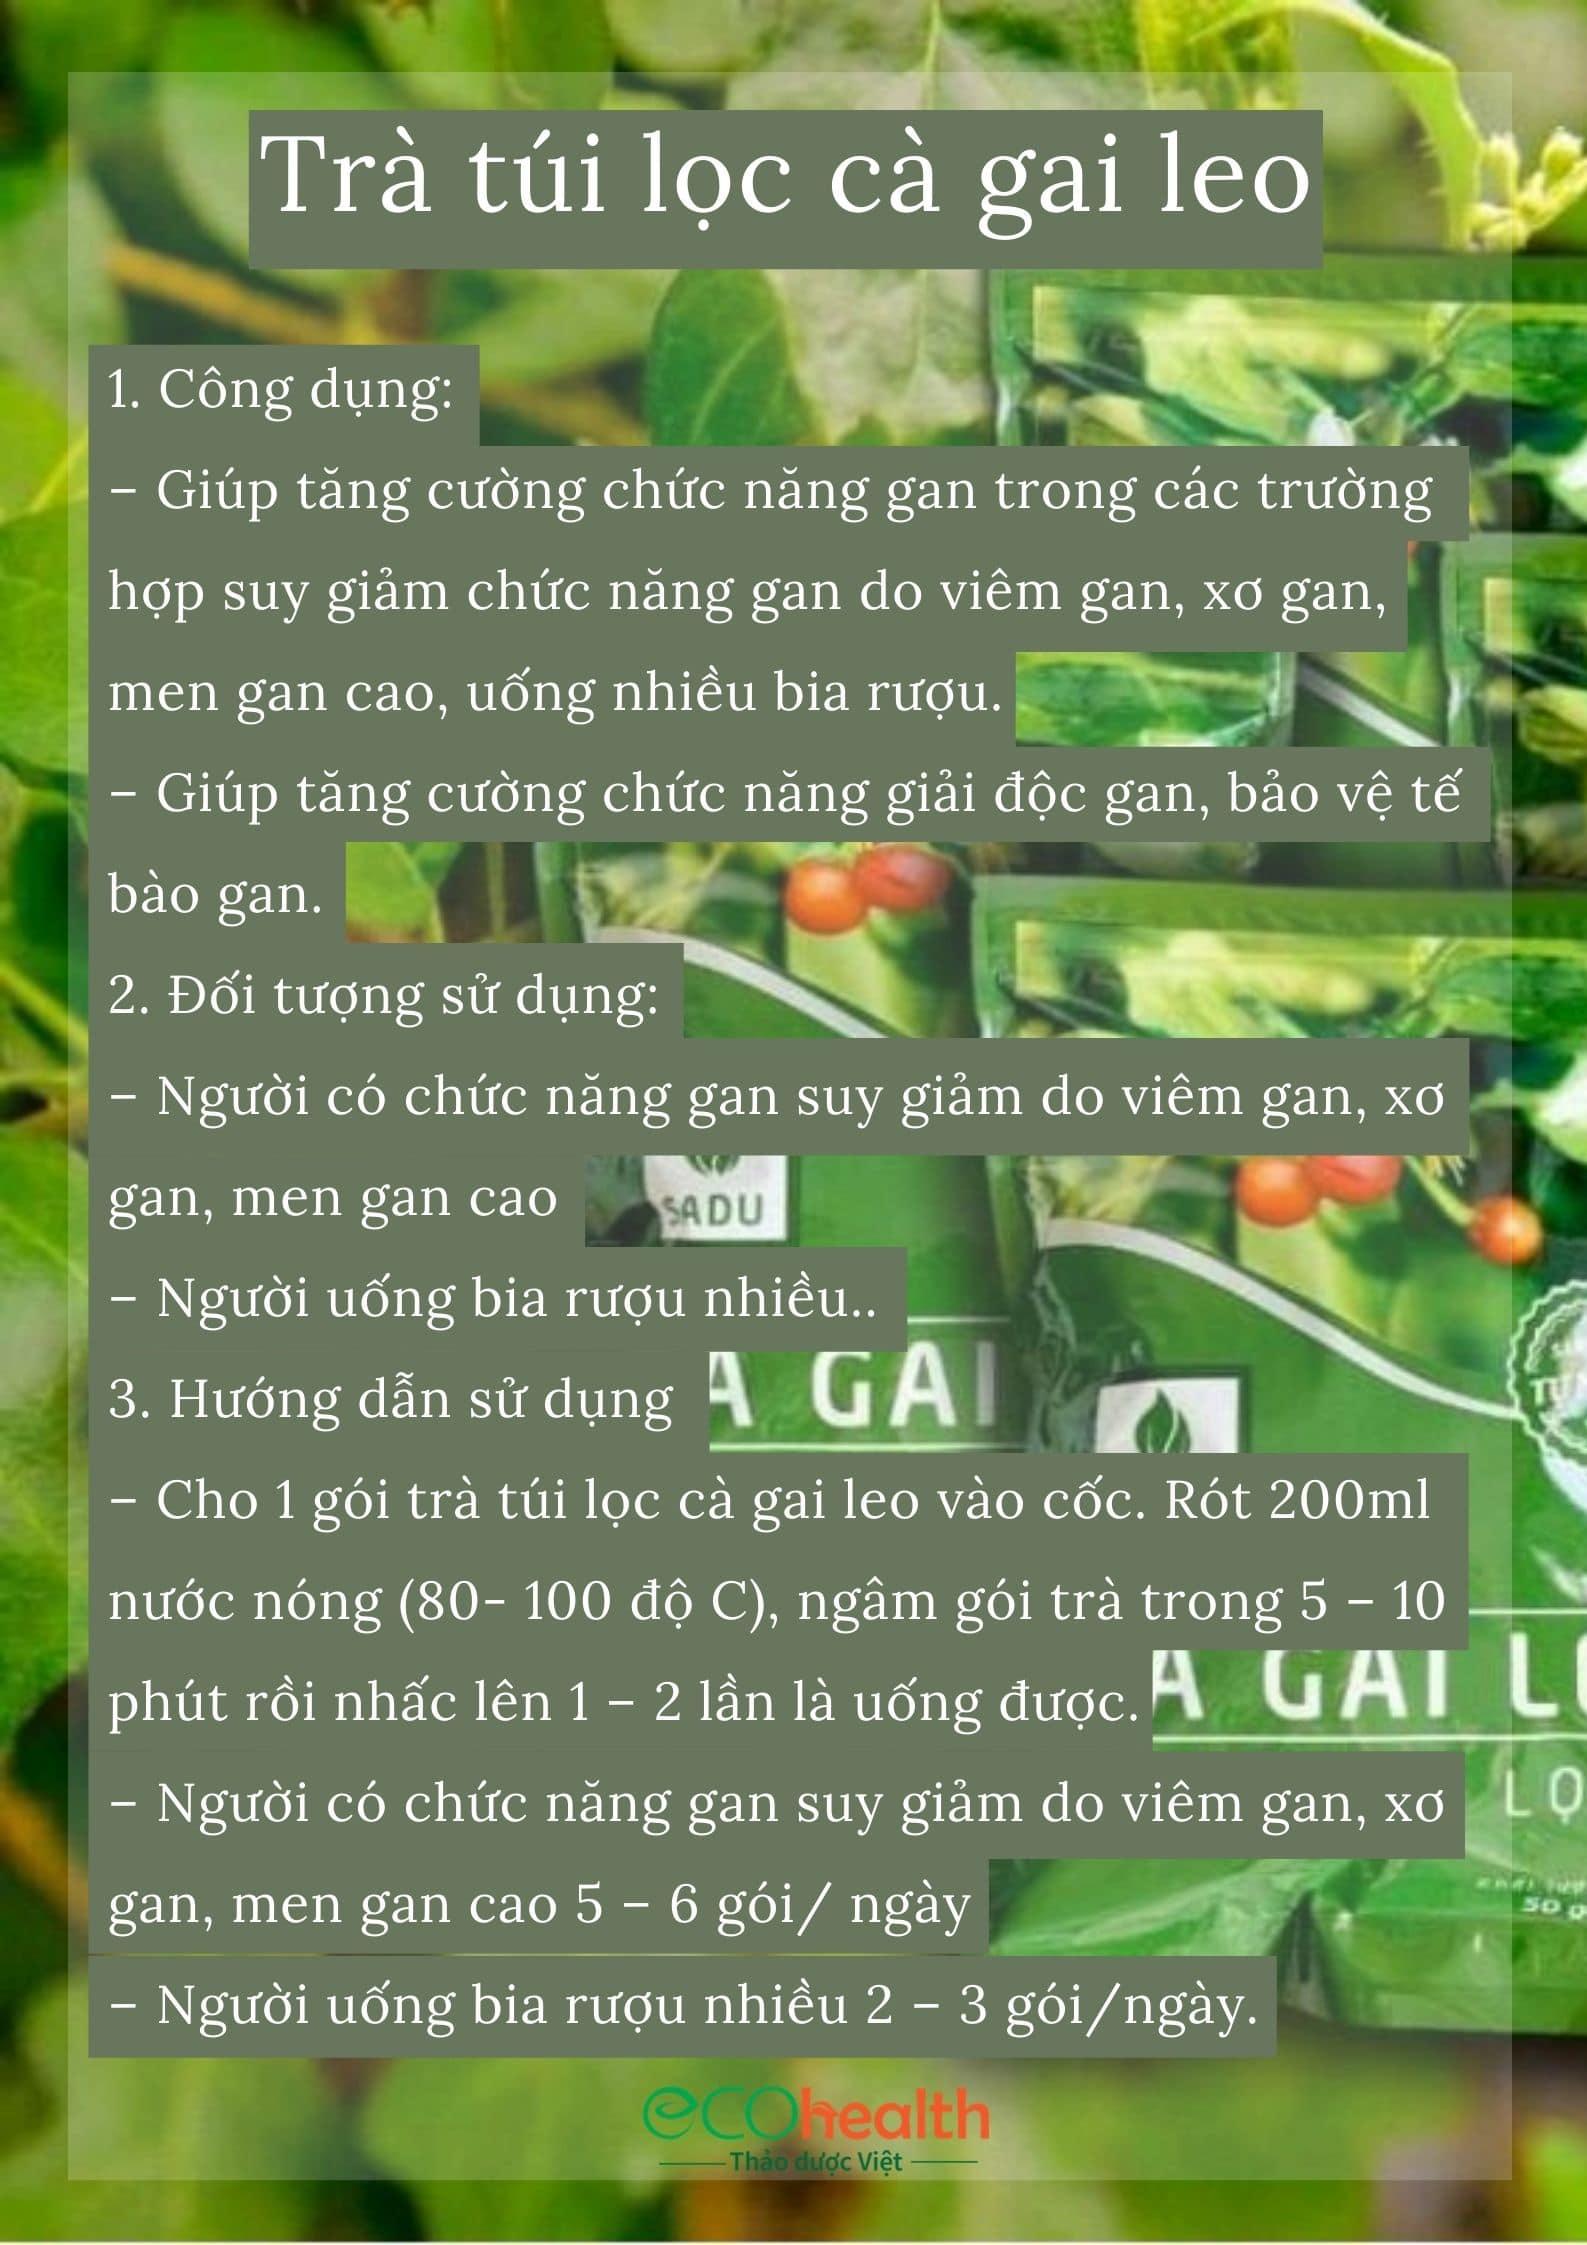 1 bịch trà túi lọc cà gai leo Sadu 250g 3